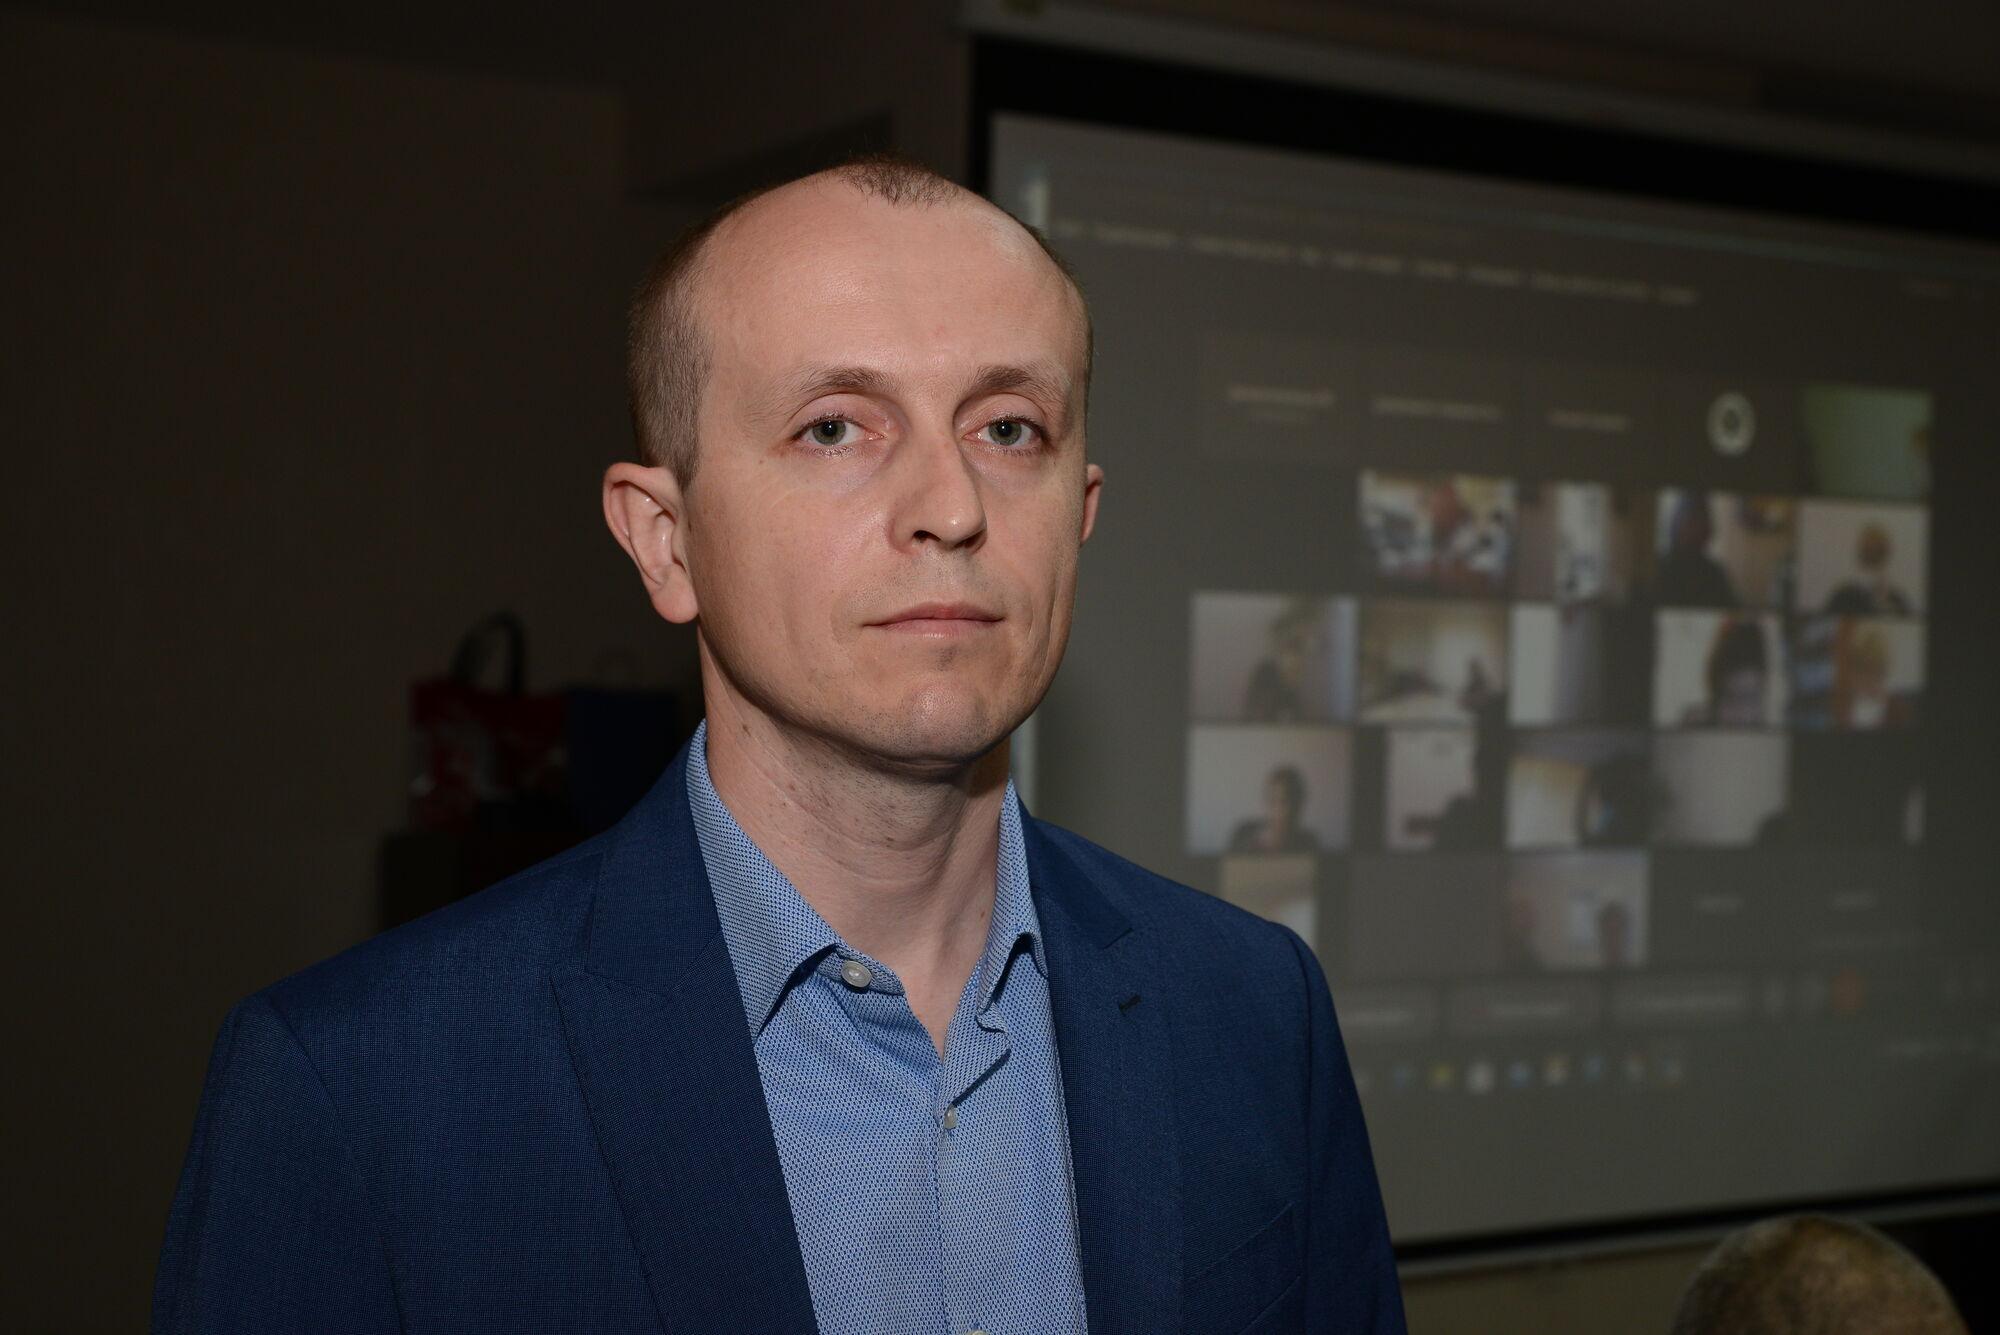 Керівник експертної групи з питань соціальної підтримки директорату соціального захисту Міністерства у справах ветеранів України Олександр Курій